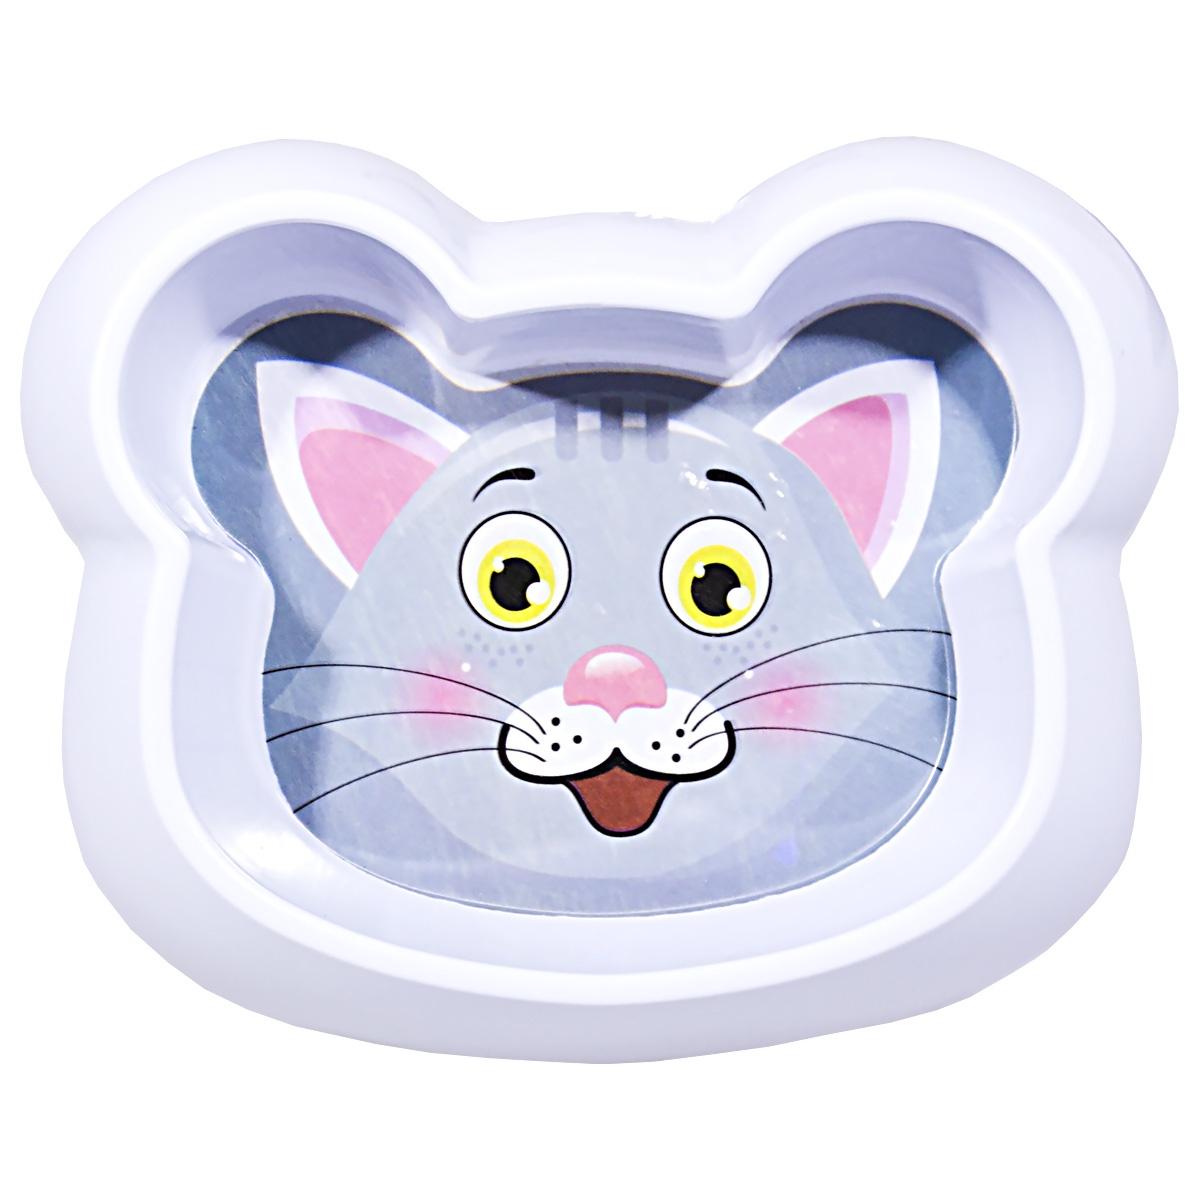 Миска для кошек АСН пластик WZ-006